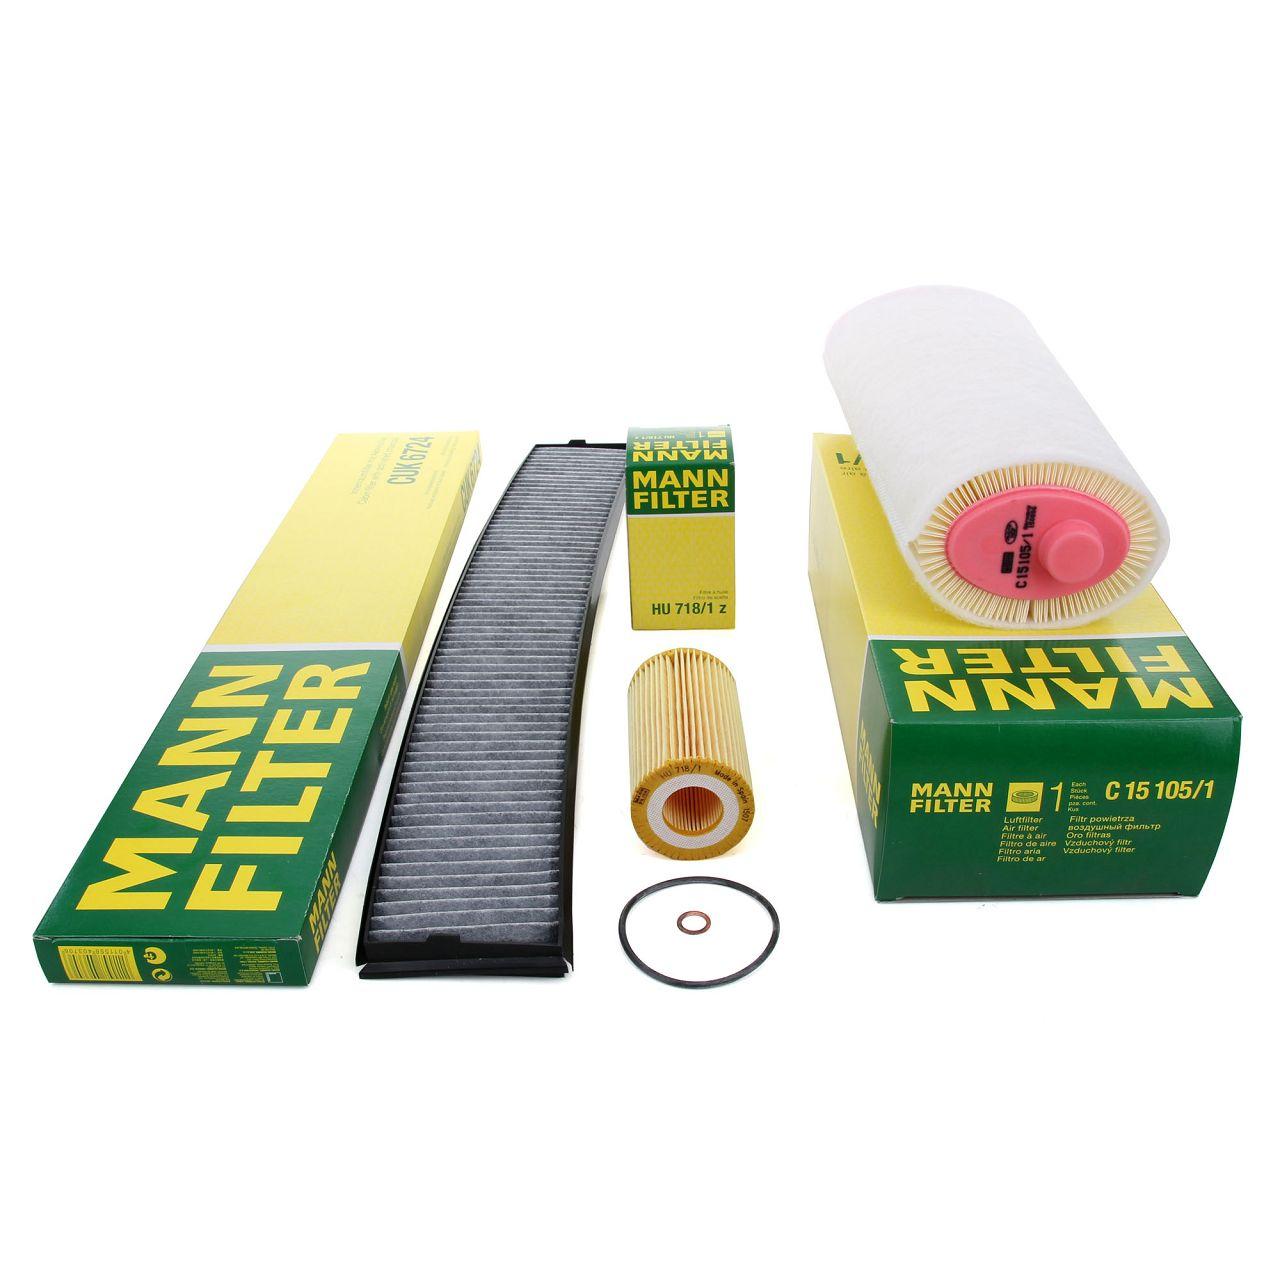 MANN Filterpaket Filterset für BMW 3er E46 318d 115/116PS 320d 136PS